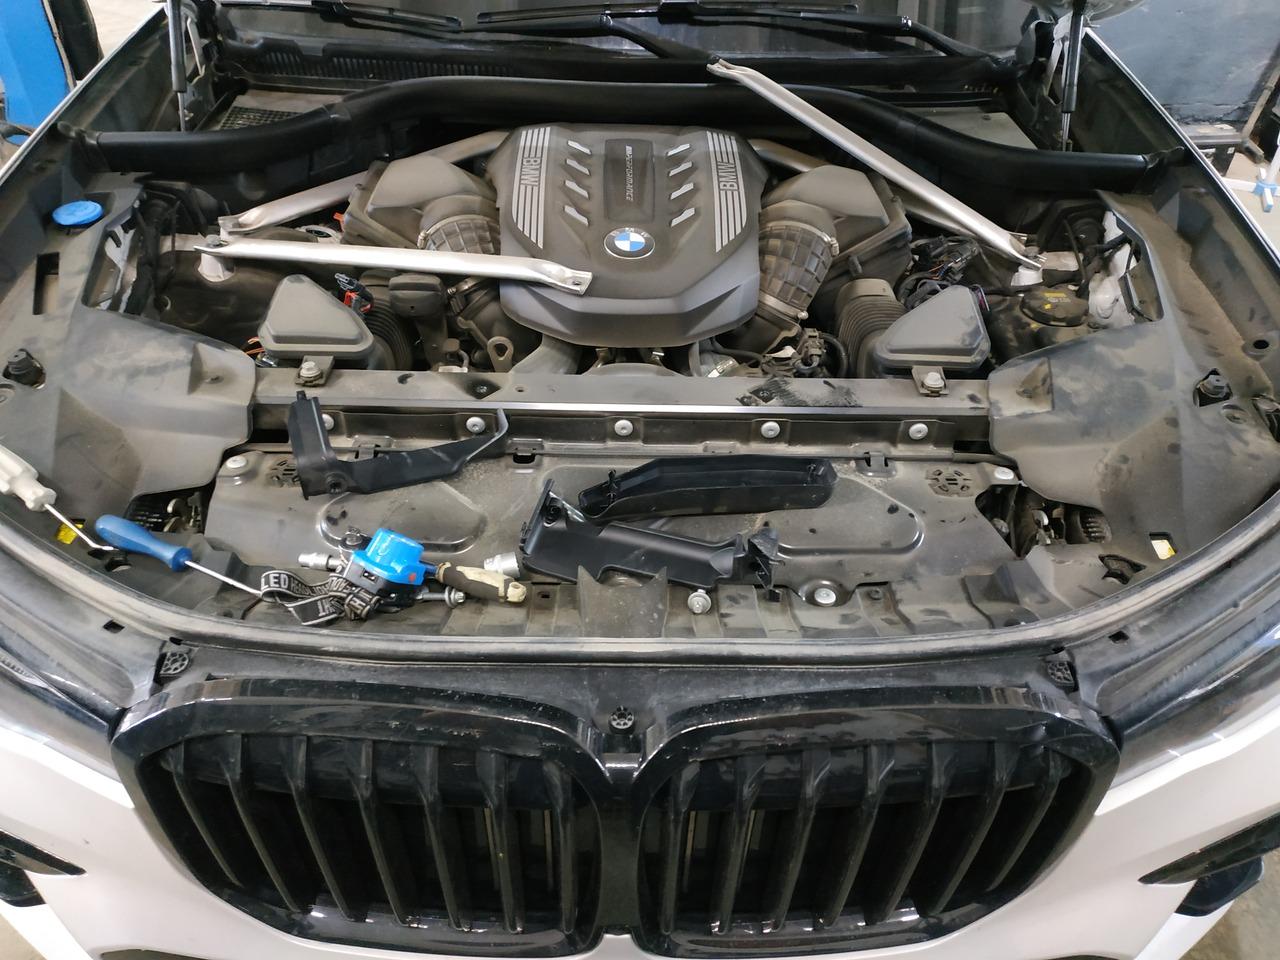 Двигатель 4.4 л бензин, чип тюнинг